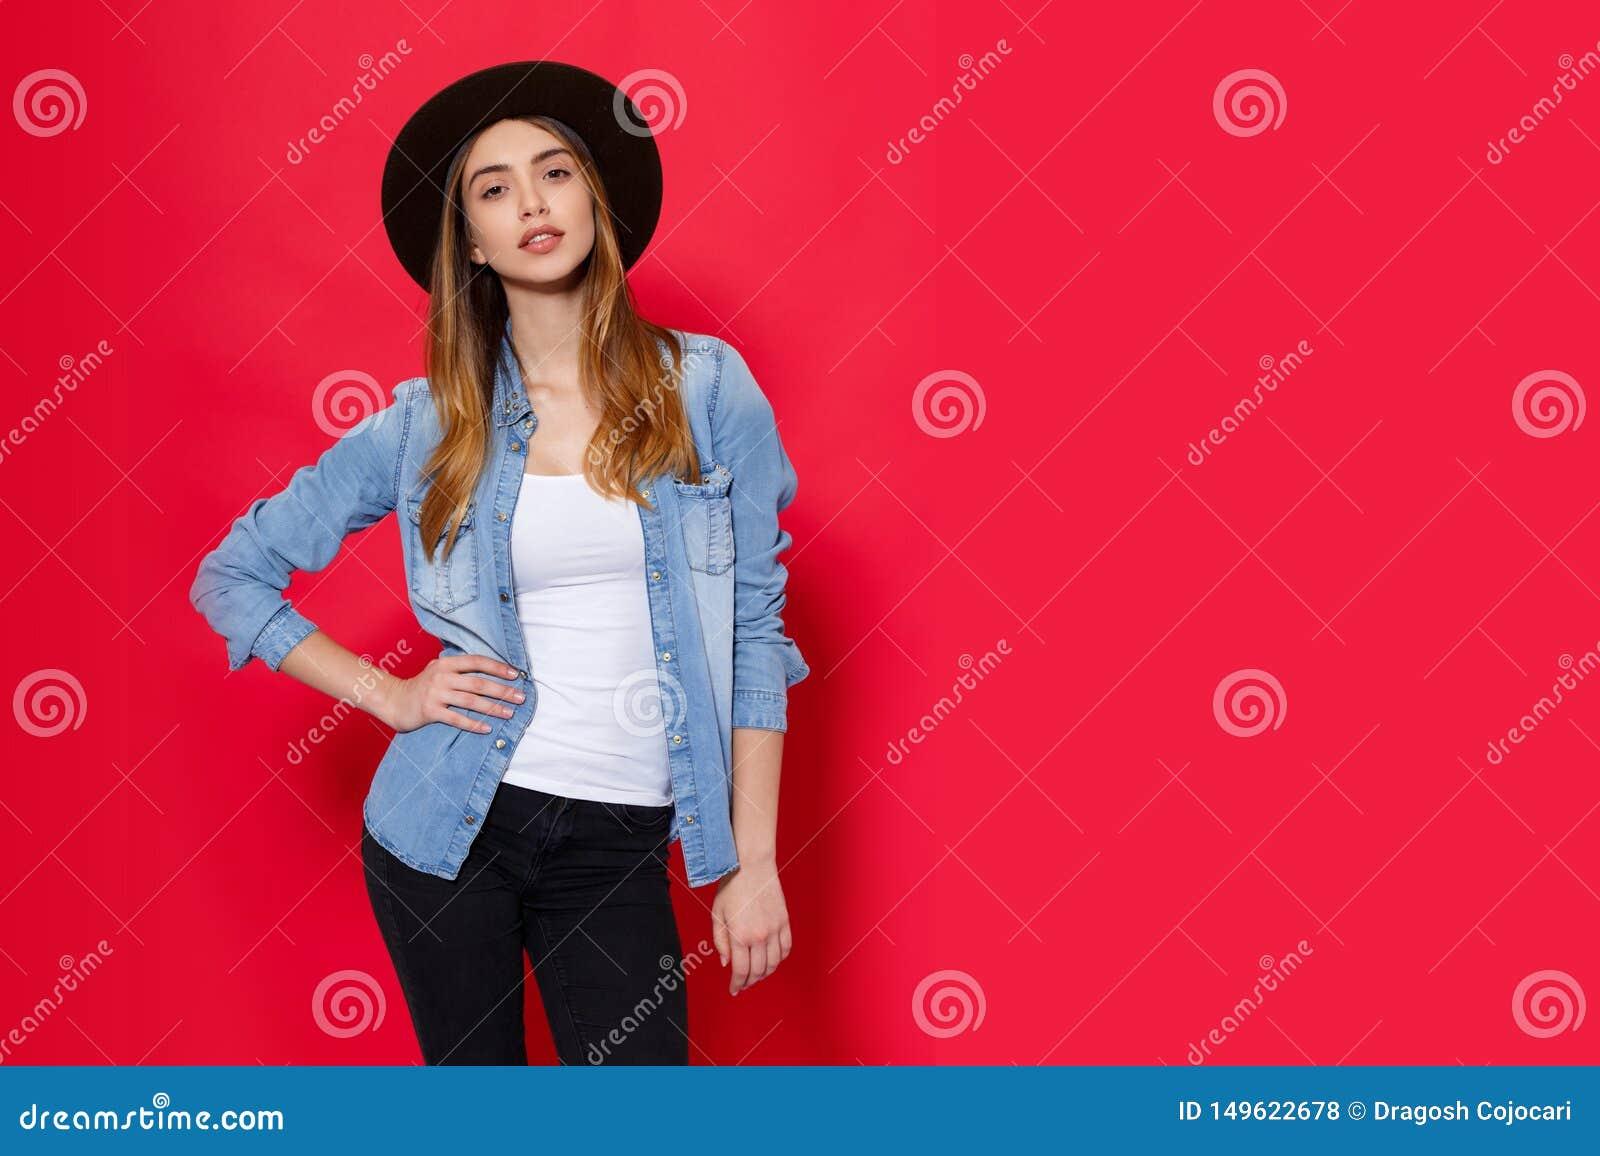 Ch?odno dziewczyna w modnych str?j pozach z attitudine w studiu na czerwonym jaskrawym tle miejsce tekst